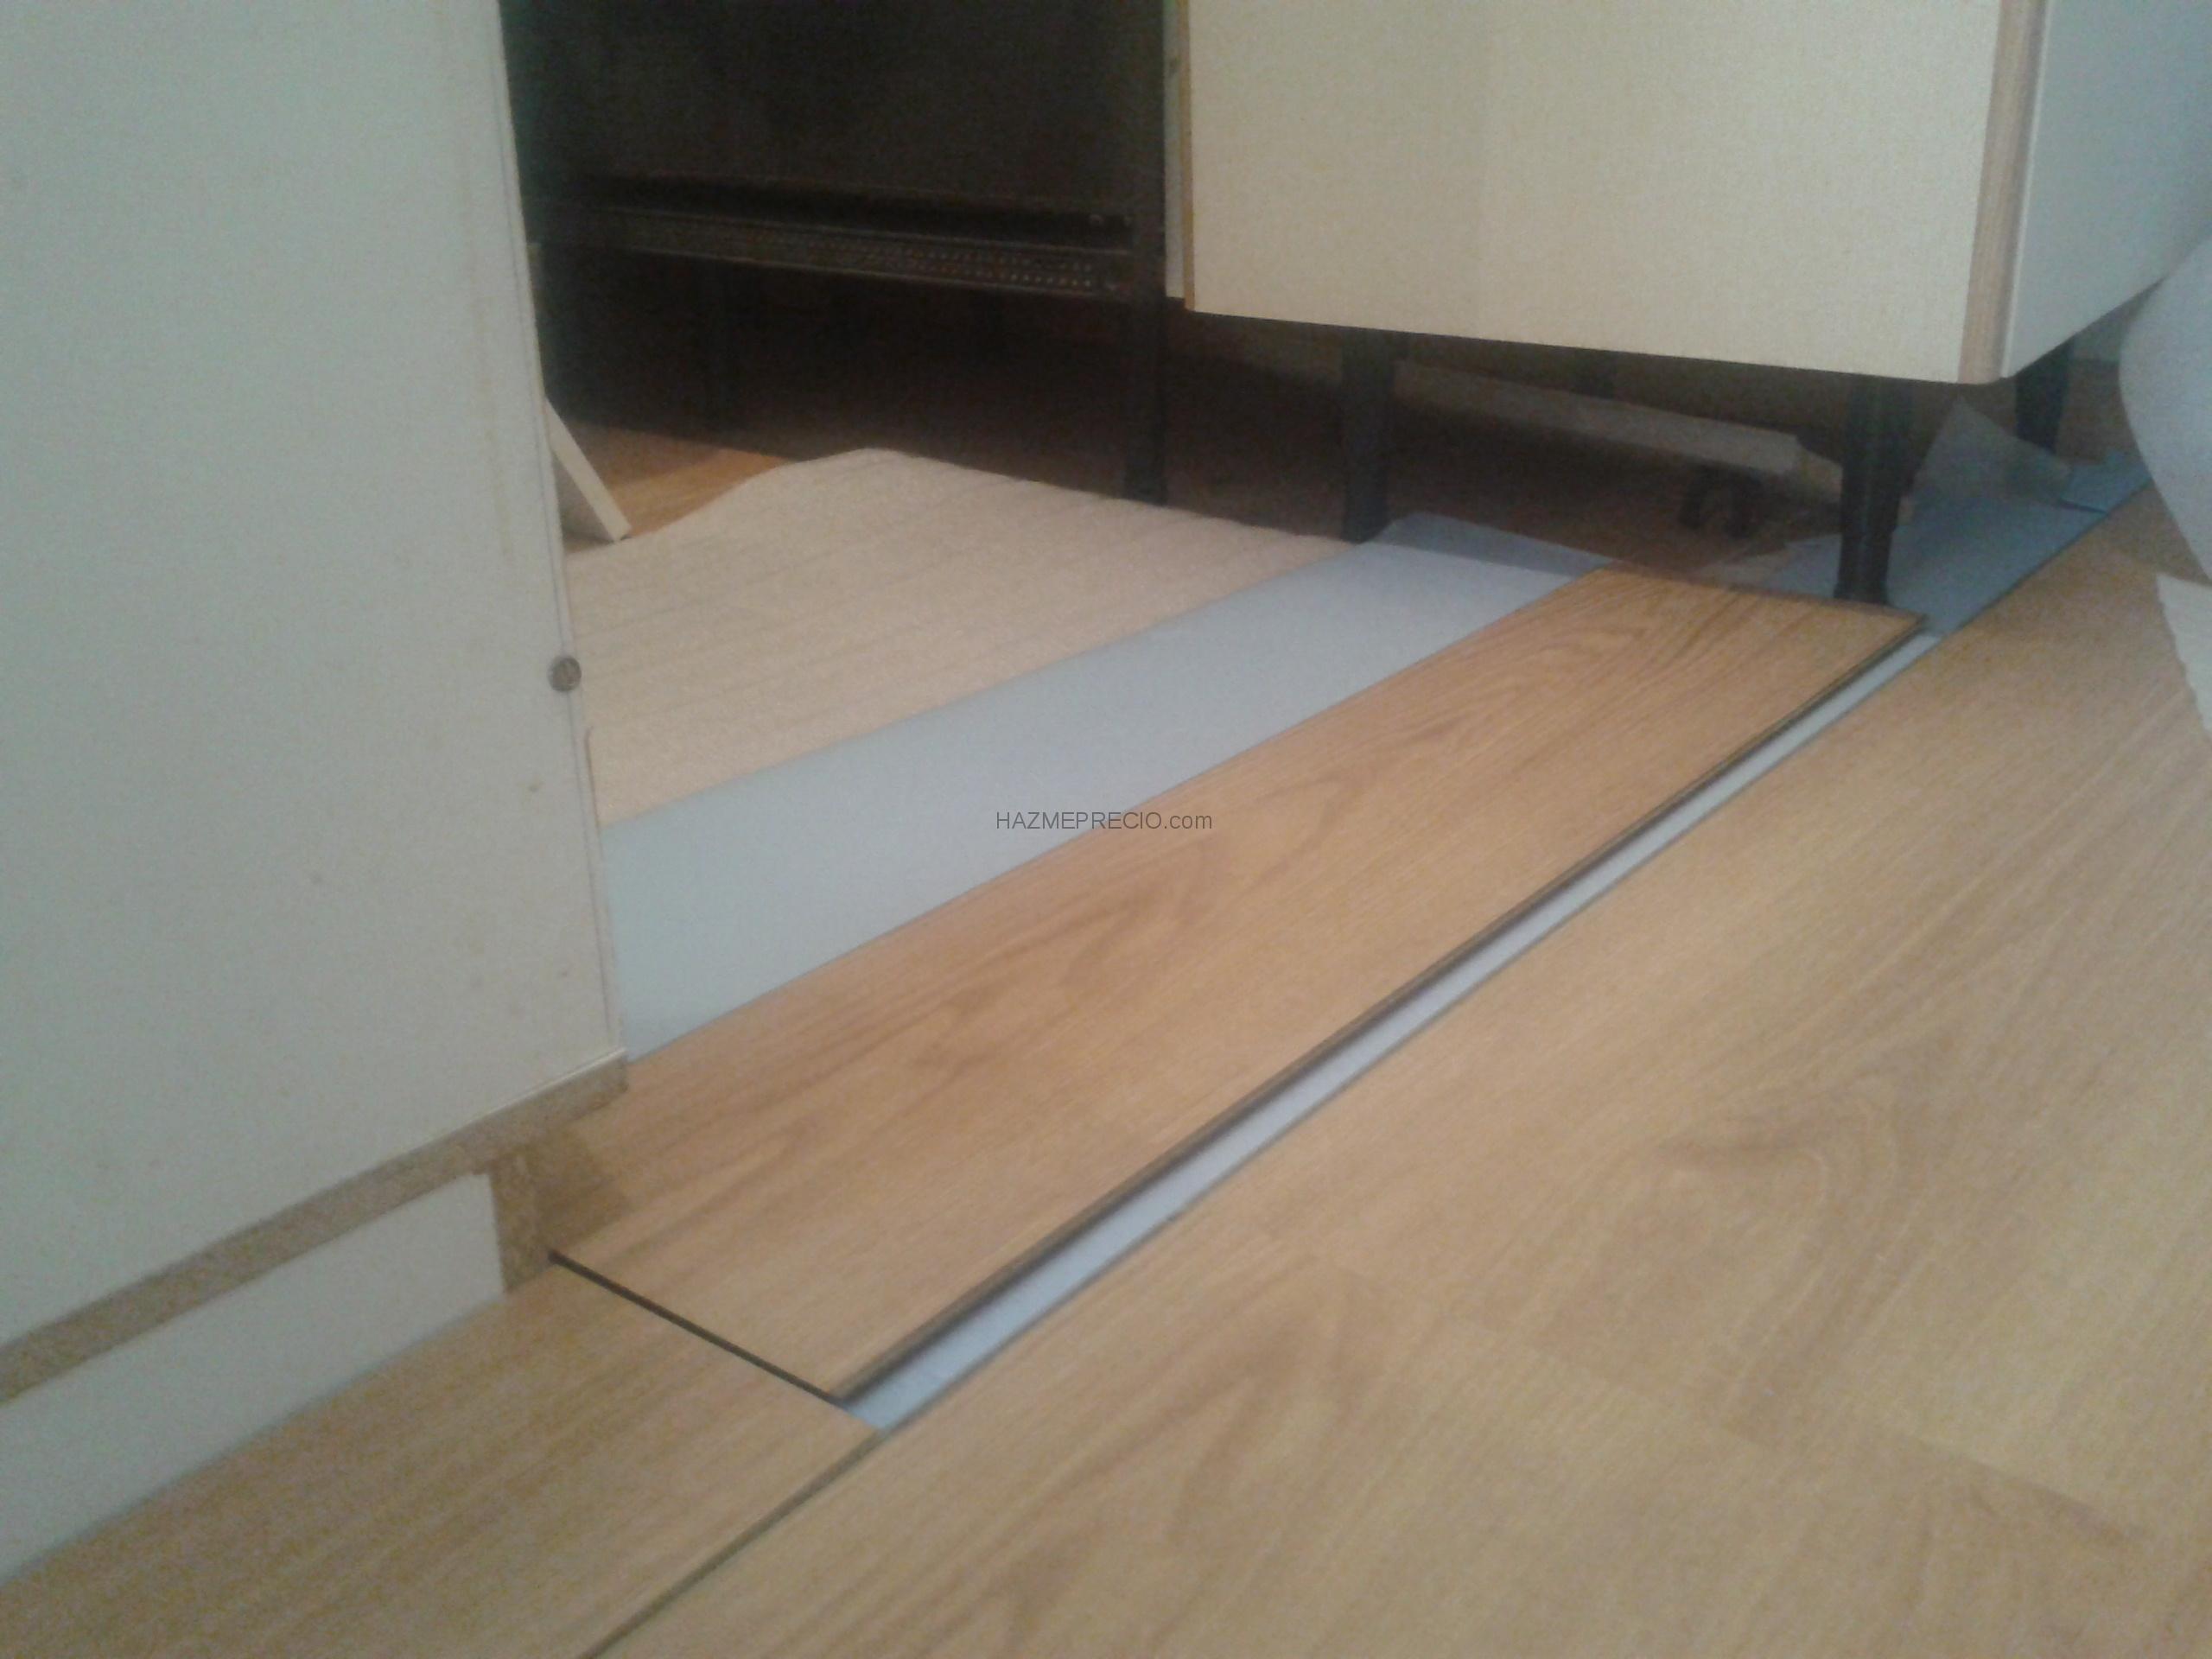 ac 5 con double aislamento: en las zonas de los mueble de la cocina ...